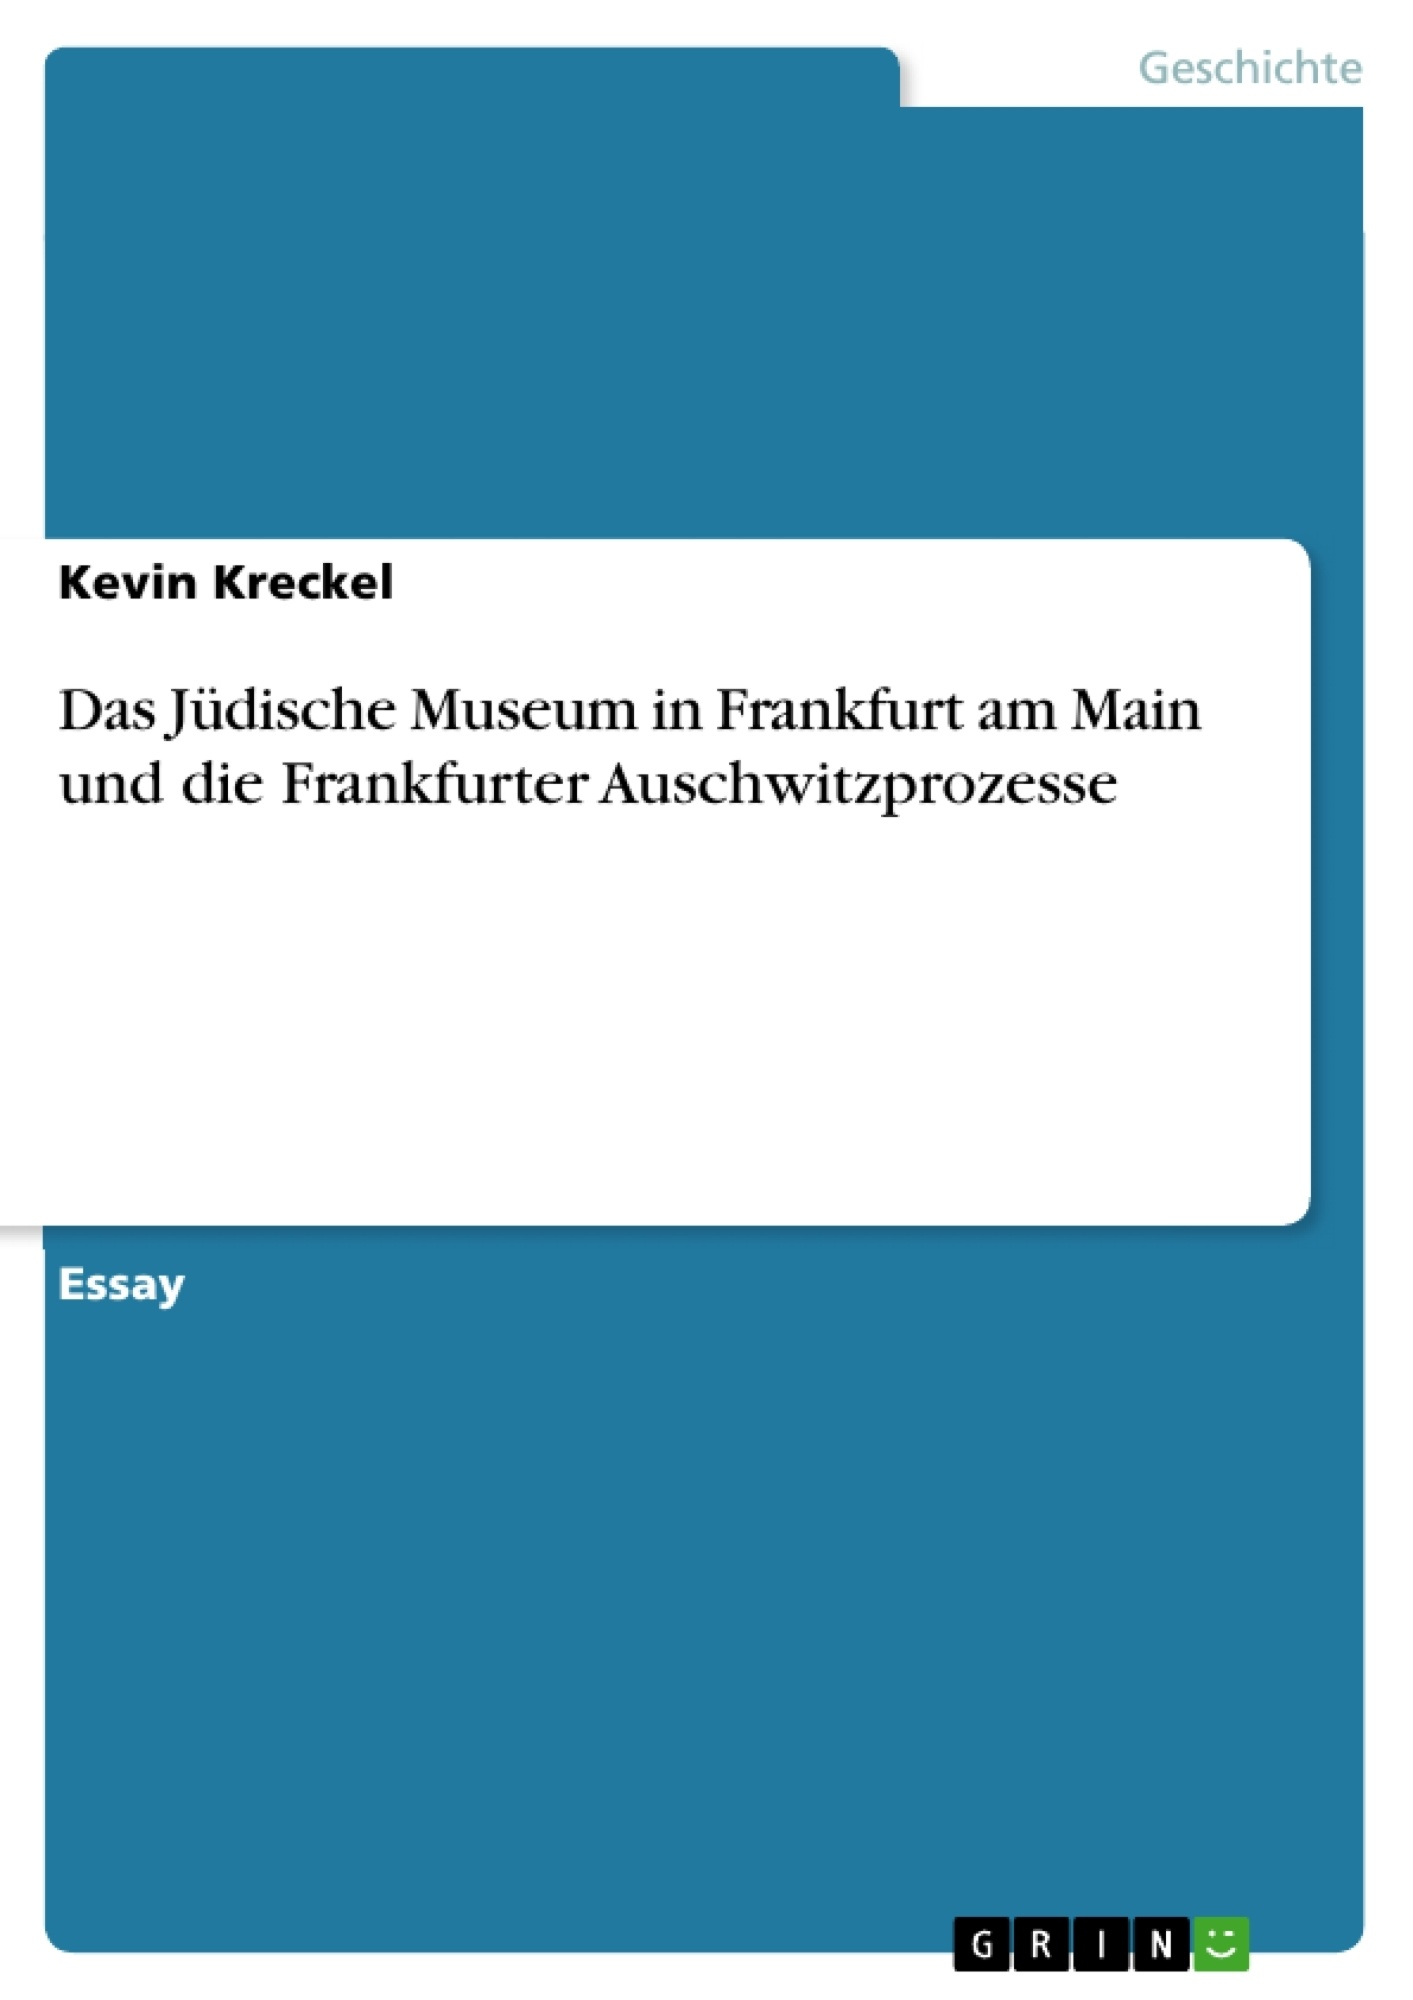 Titel: Das Jüdische Museum in Frankfurt am Main und die Frankfurter Auschwitzprozesse